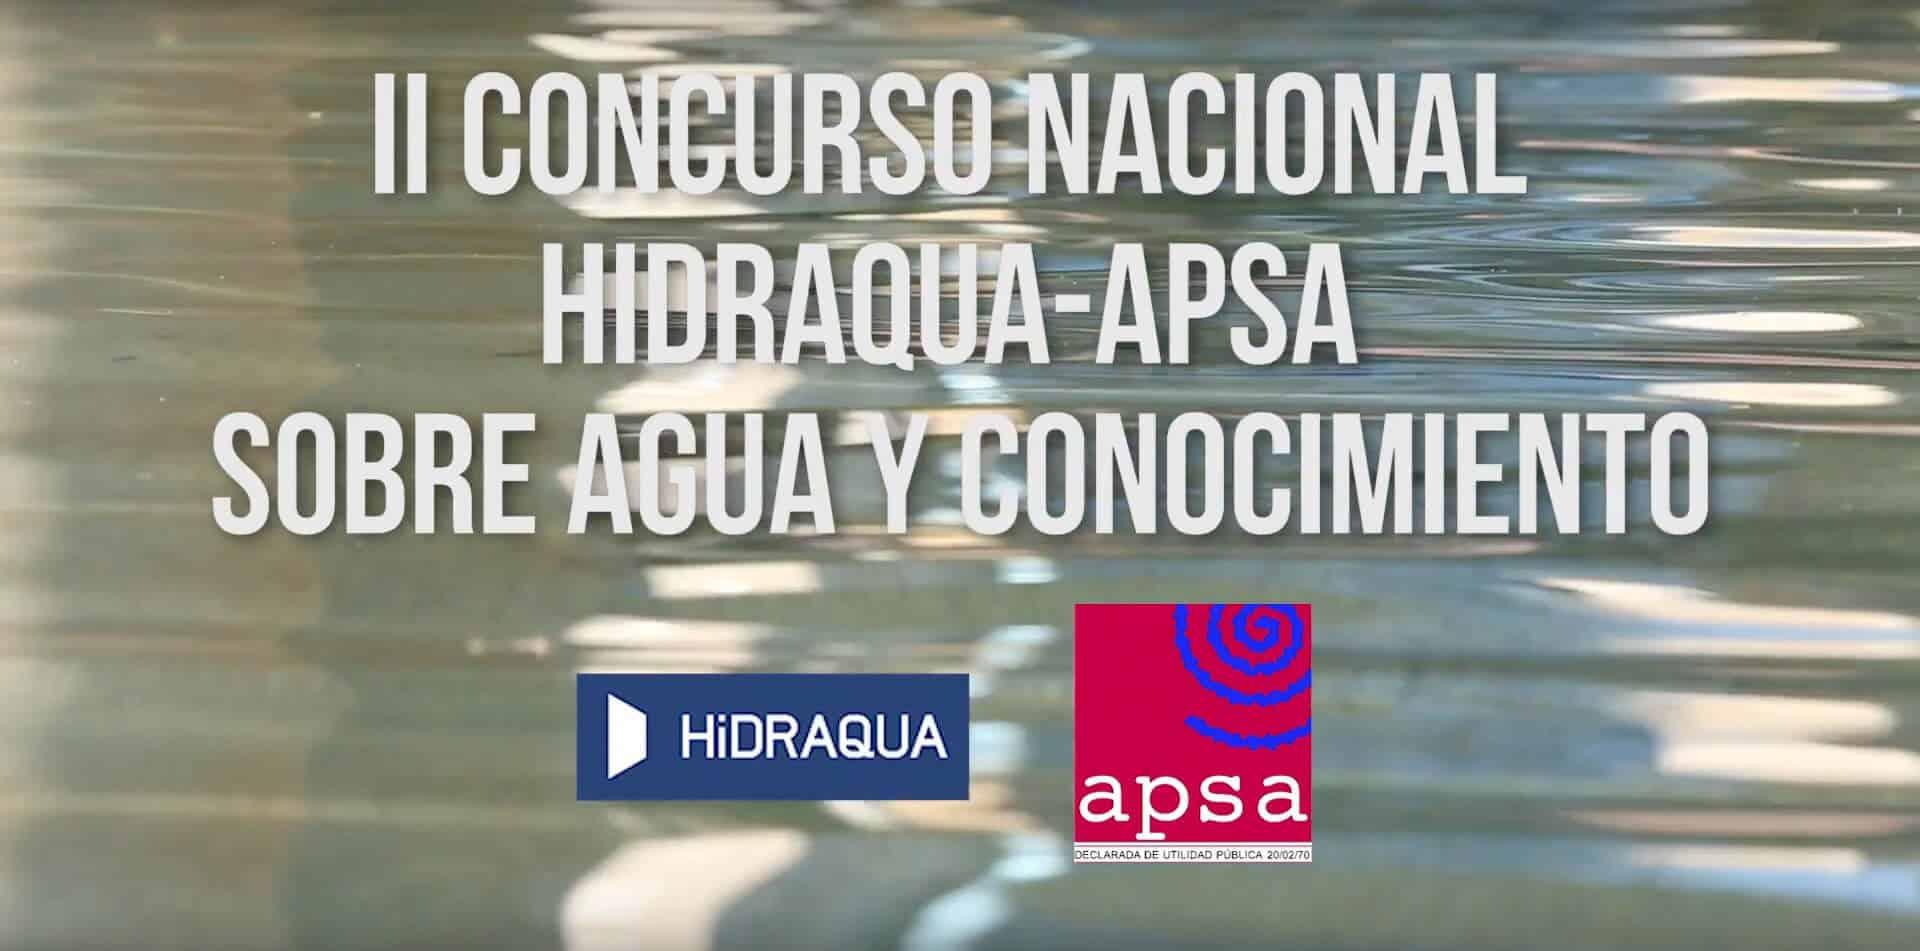 Spot Concurso Nacional Hidraqua-APSA 2017